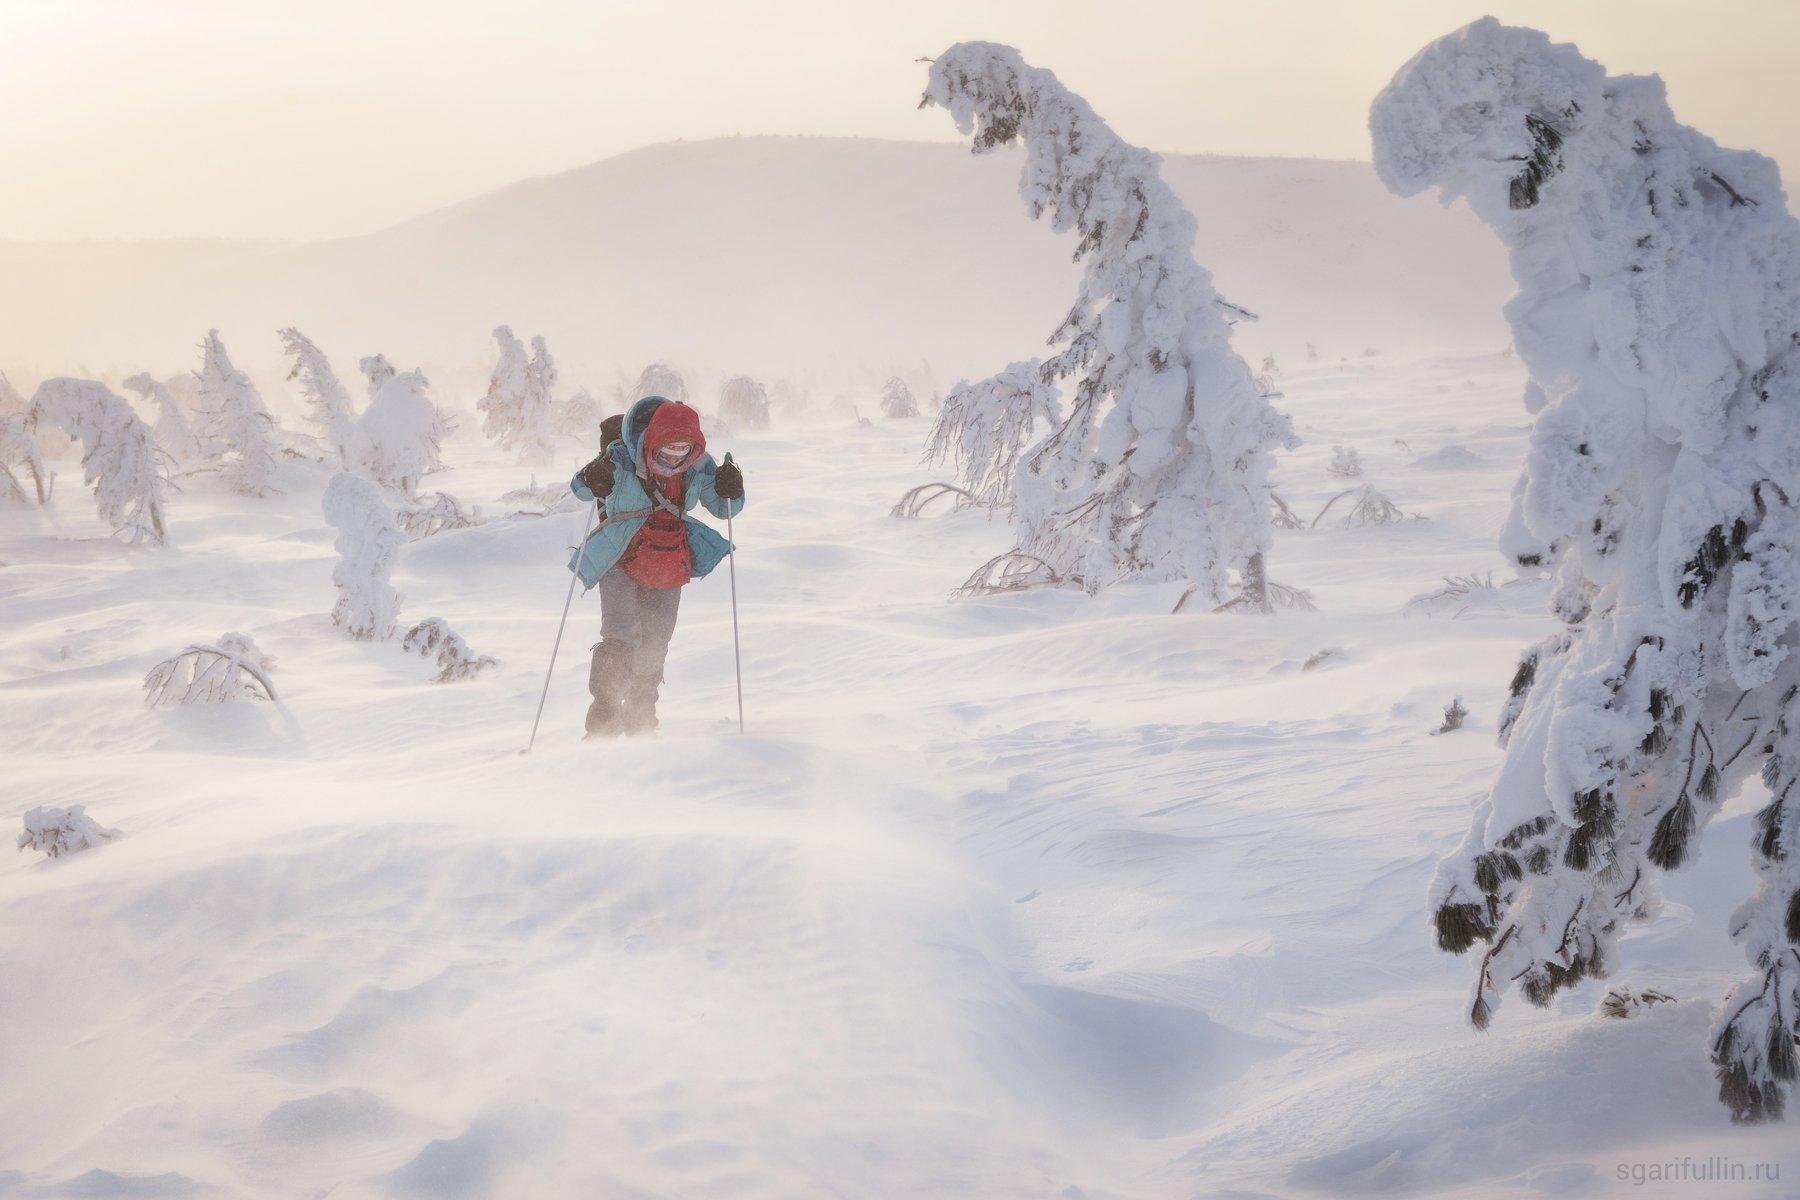 северный урал, северный урал, урал, урал, гух, гух, главный уральский хребет, главный уральский хребет, поход, лыжник, природа, туризм, зимний туризм, метель, турист, уральские горы, Сергей Гарифуллин